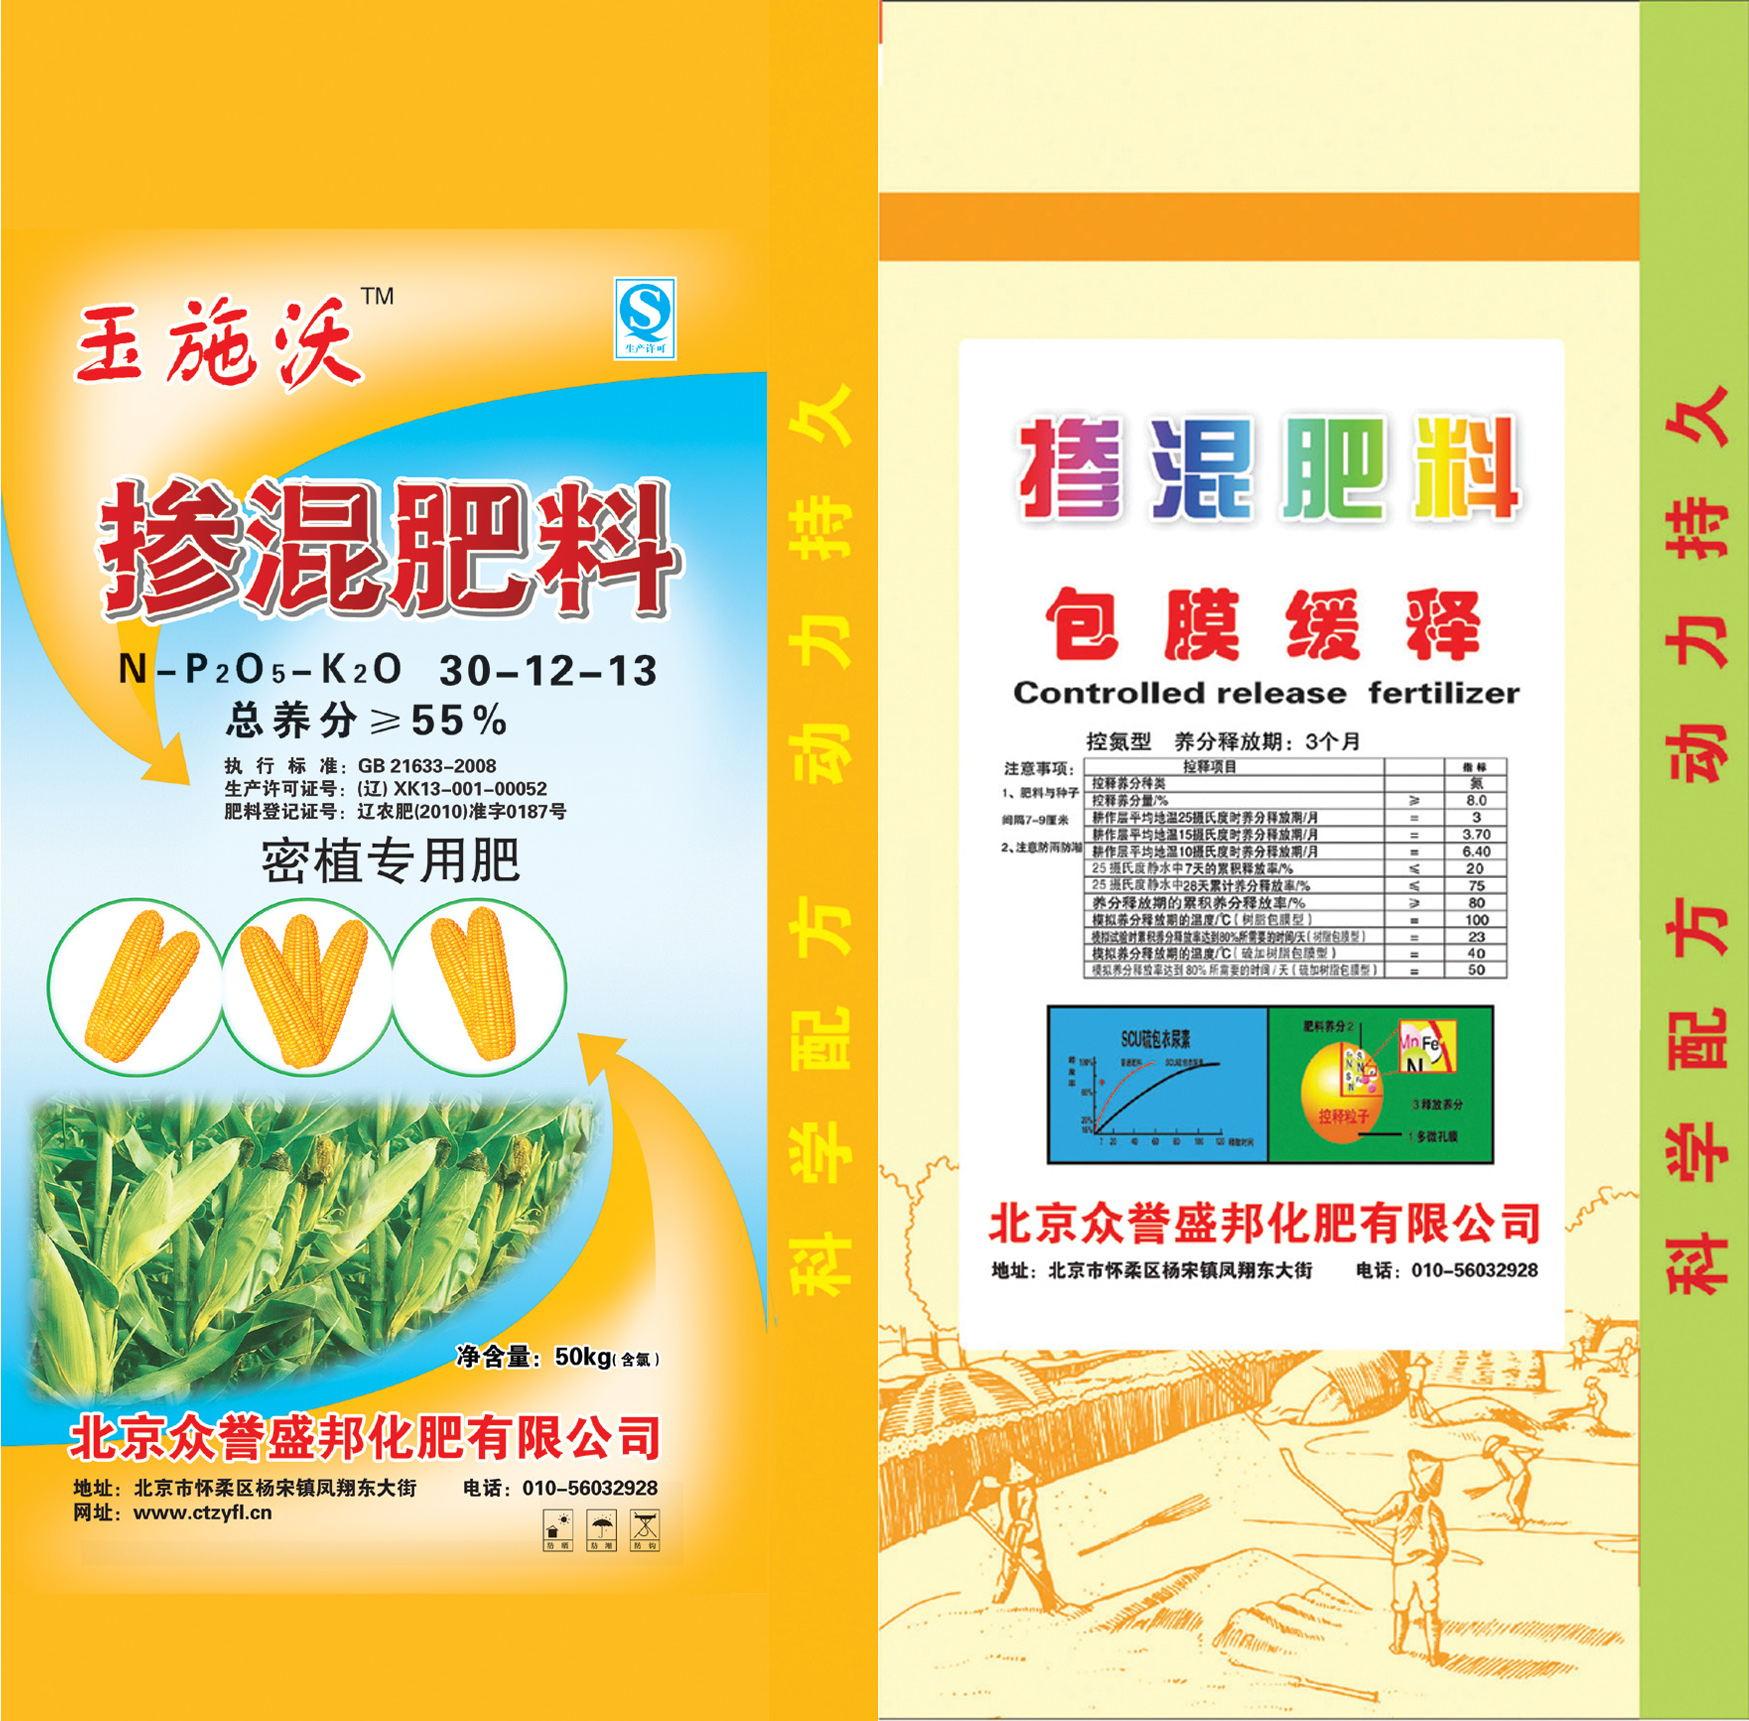 玉施沃掺混肥料 密植专用肥 薄膜缓释总养分大于或等于百分之55北京众誉盛邦化肥有限公司